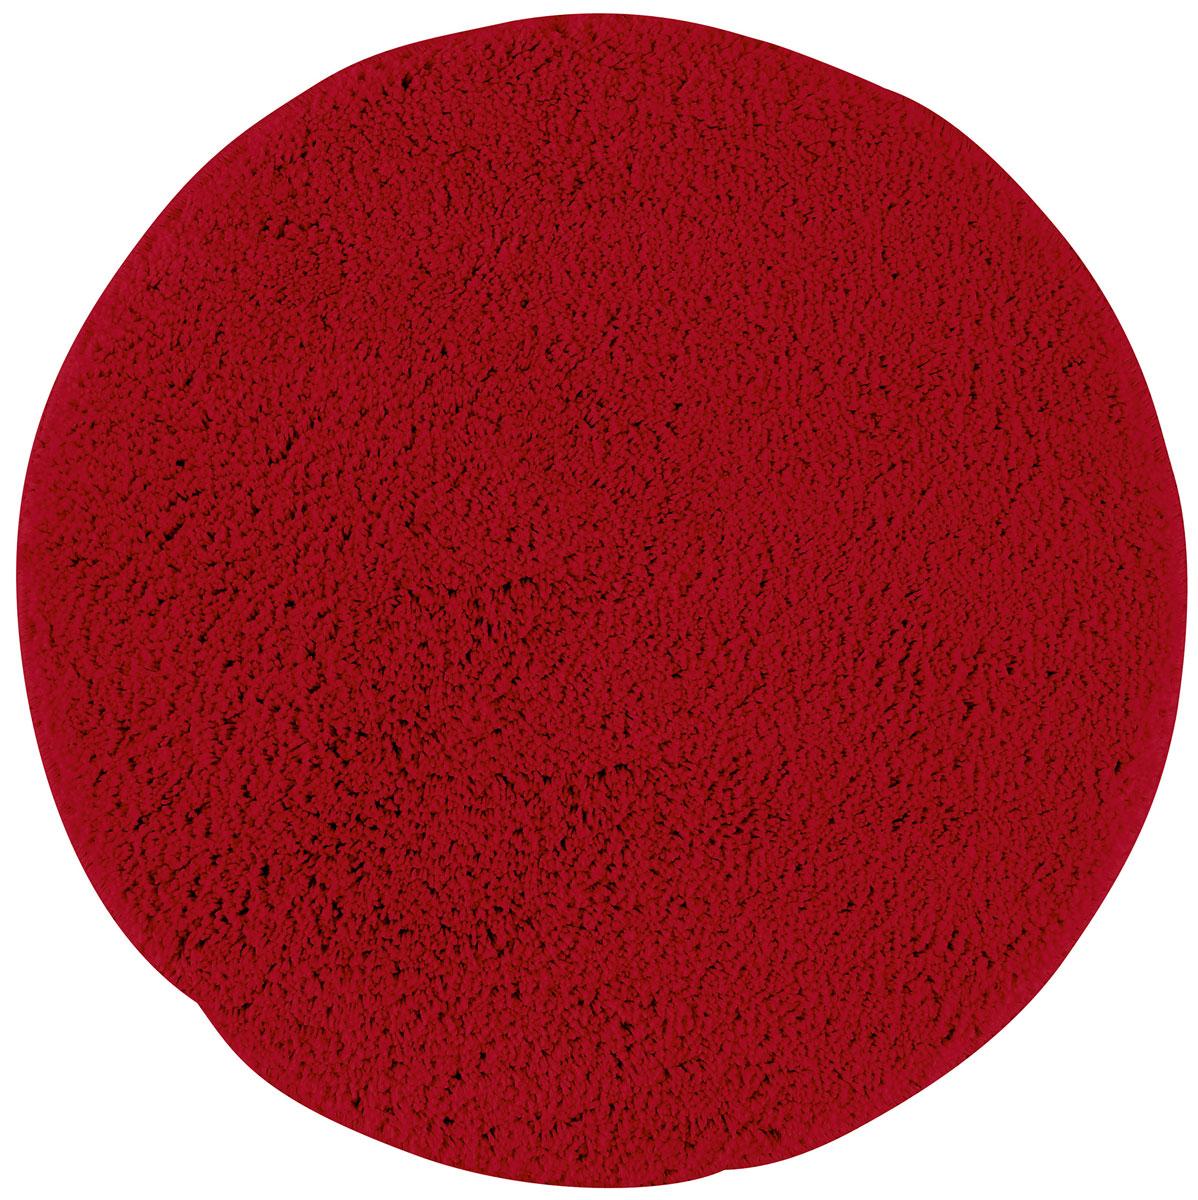 Коврик для ванной Axentia, противоскользящий, цвет: красный, диаметр 50 см коврик круглый для ванной dasch авангард